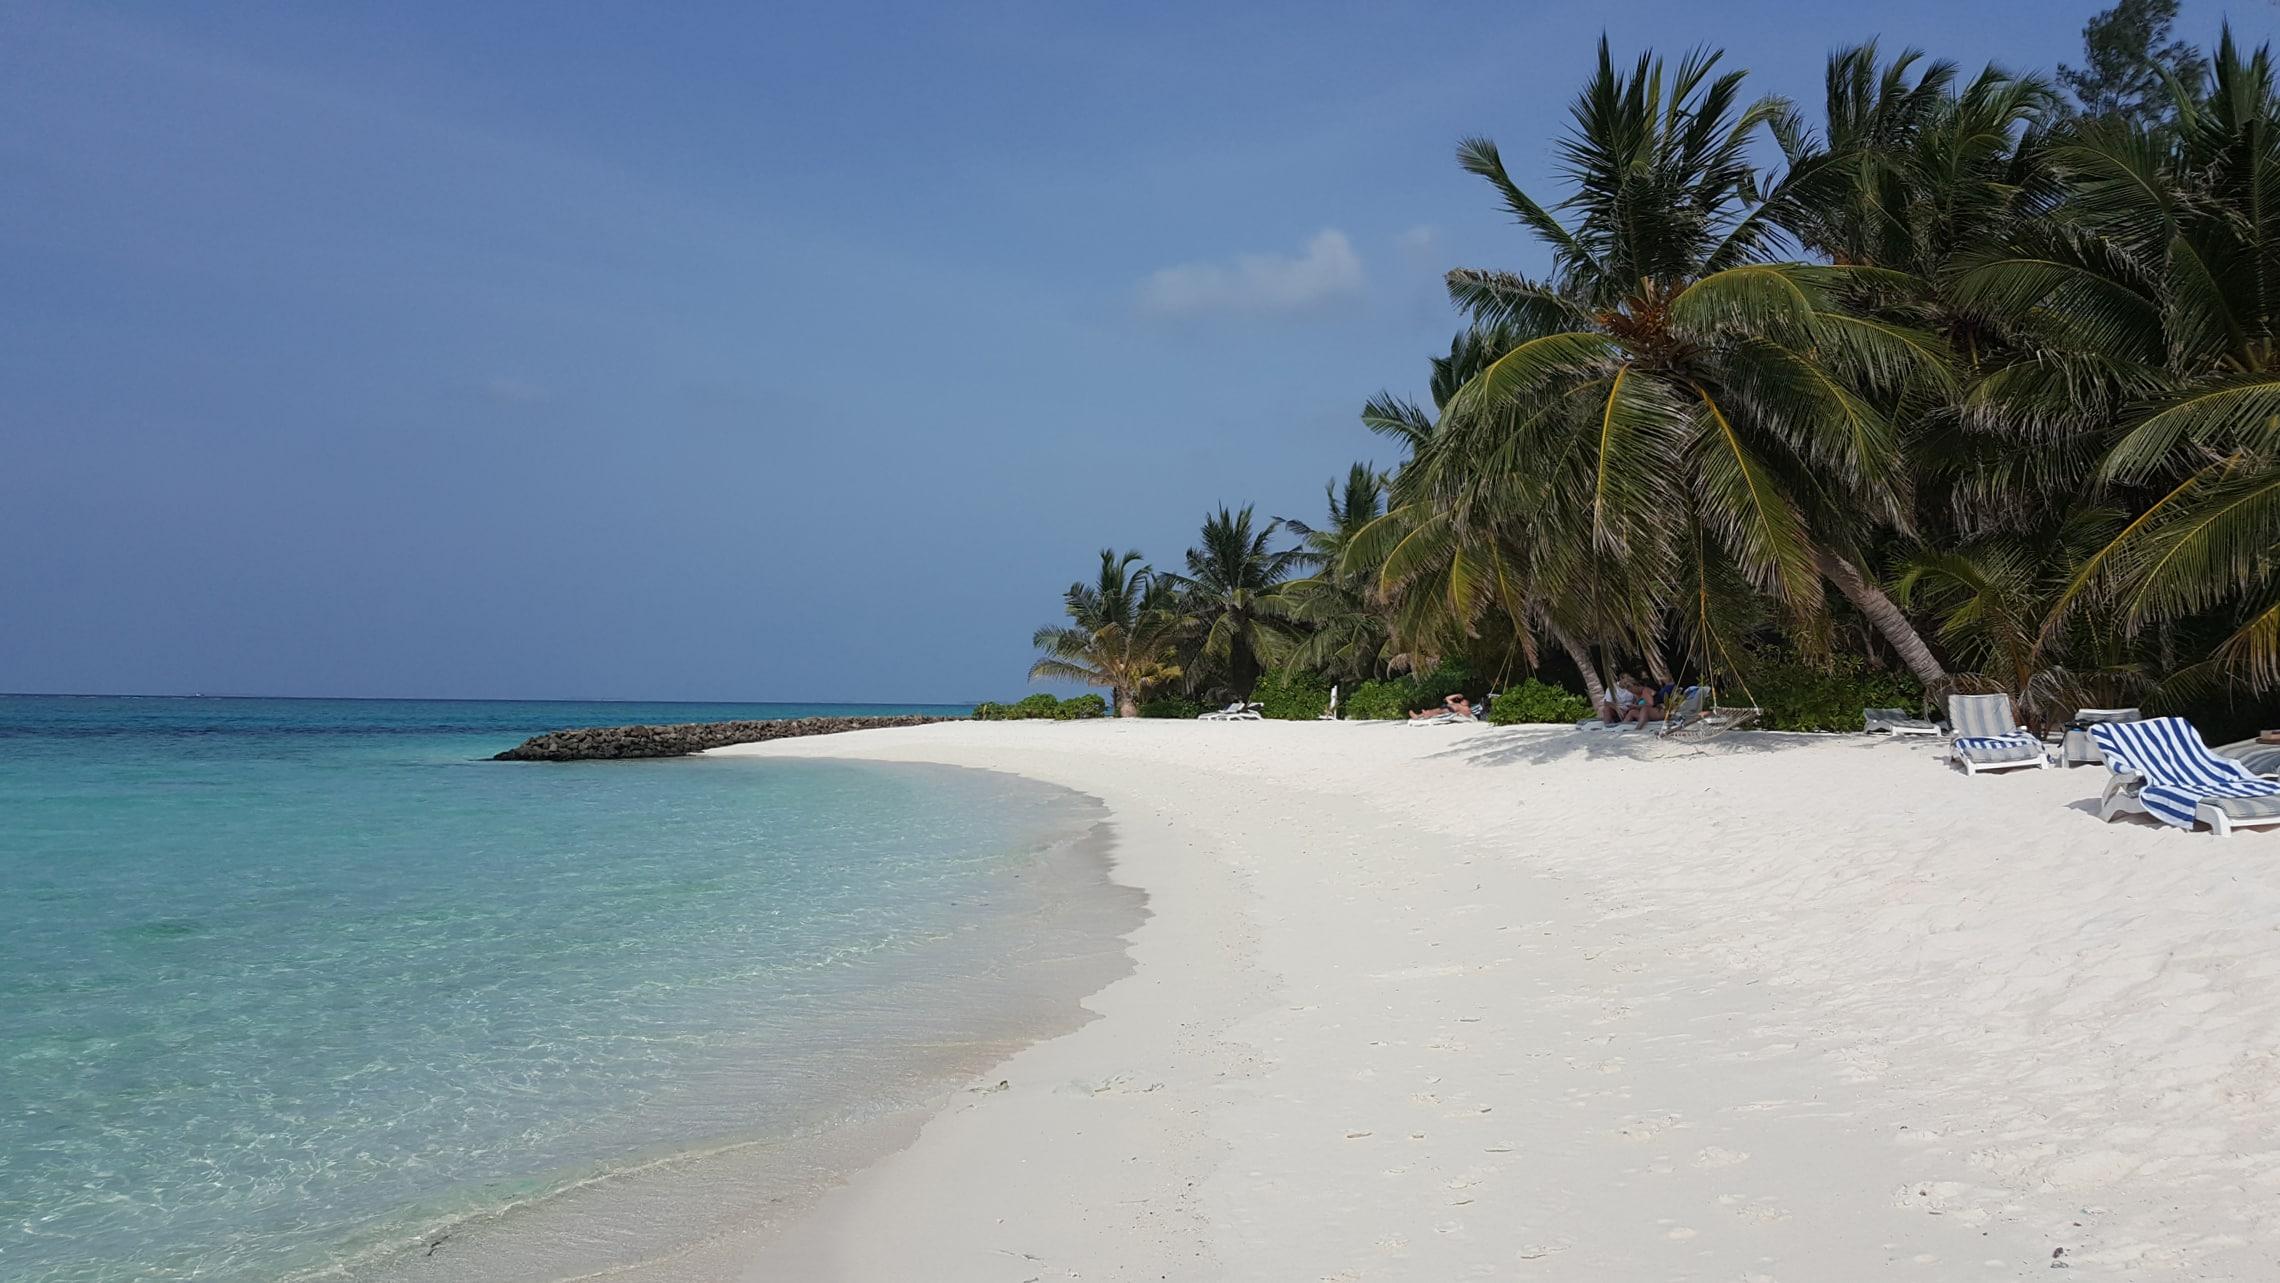 Postkartenidylle: Unser Strand auf der Hotelinsel